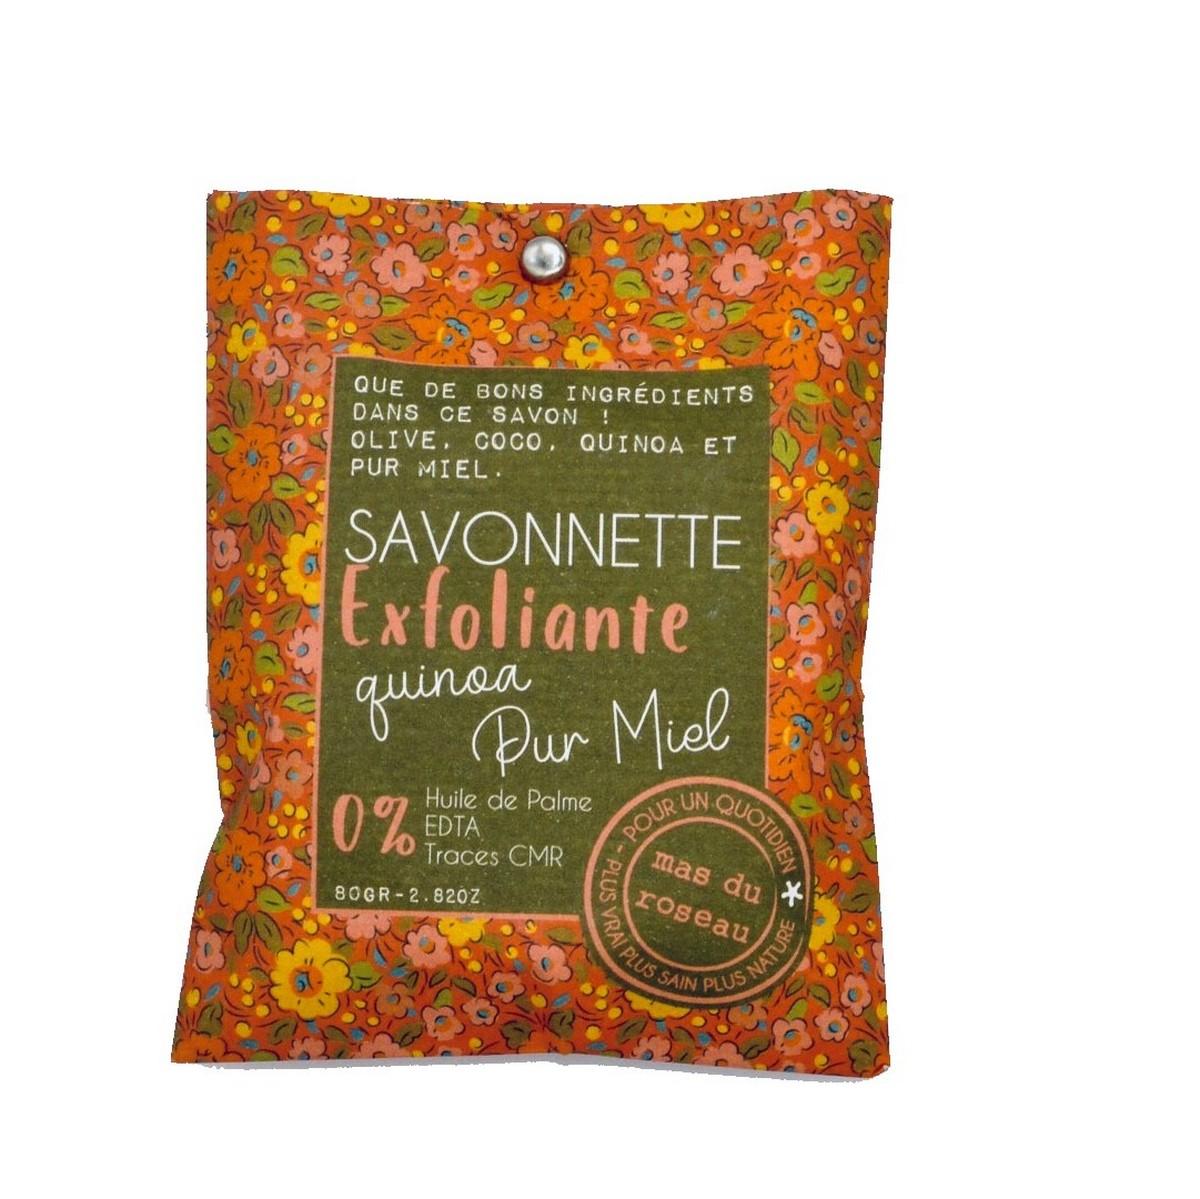 Savonnette eco-friendly Exfoliante au pur miel et quinoa